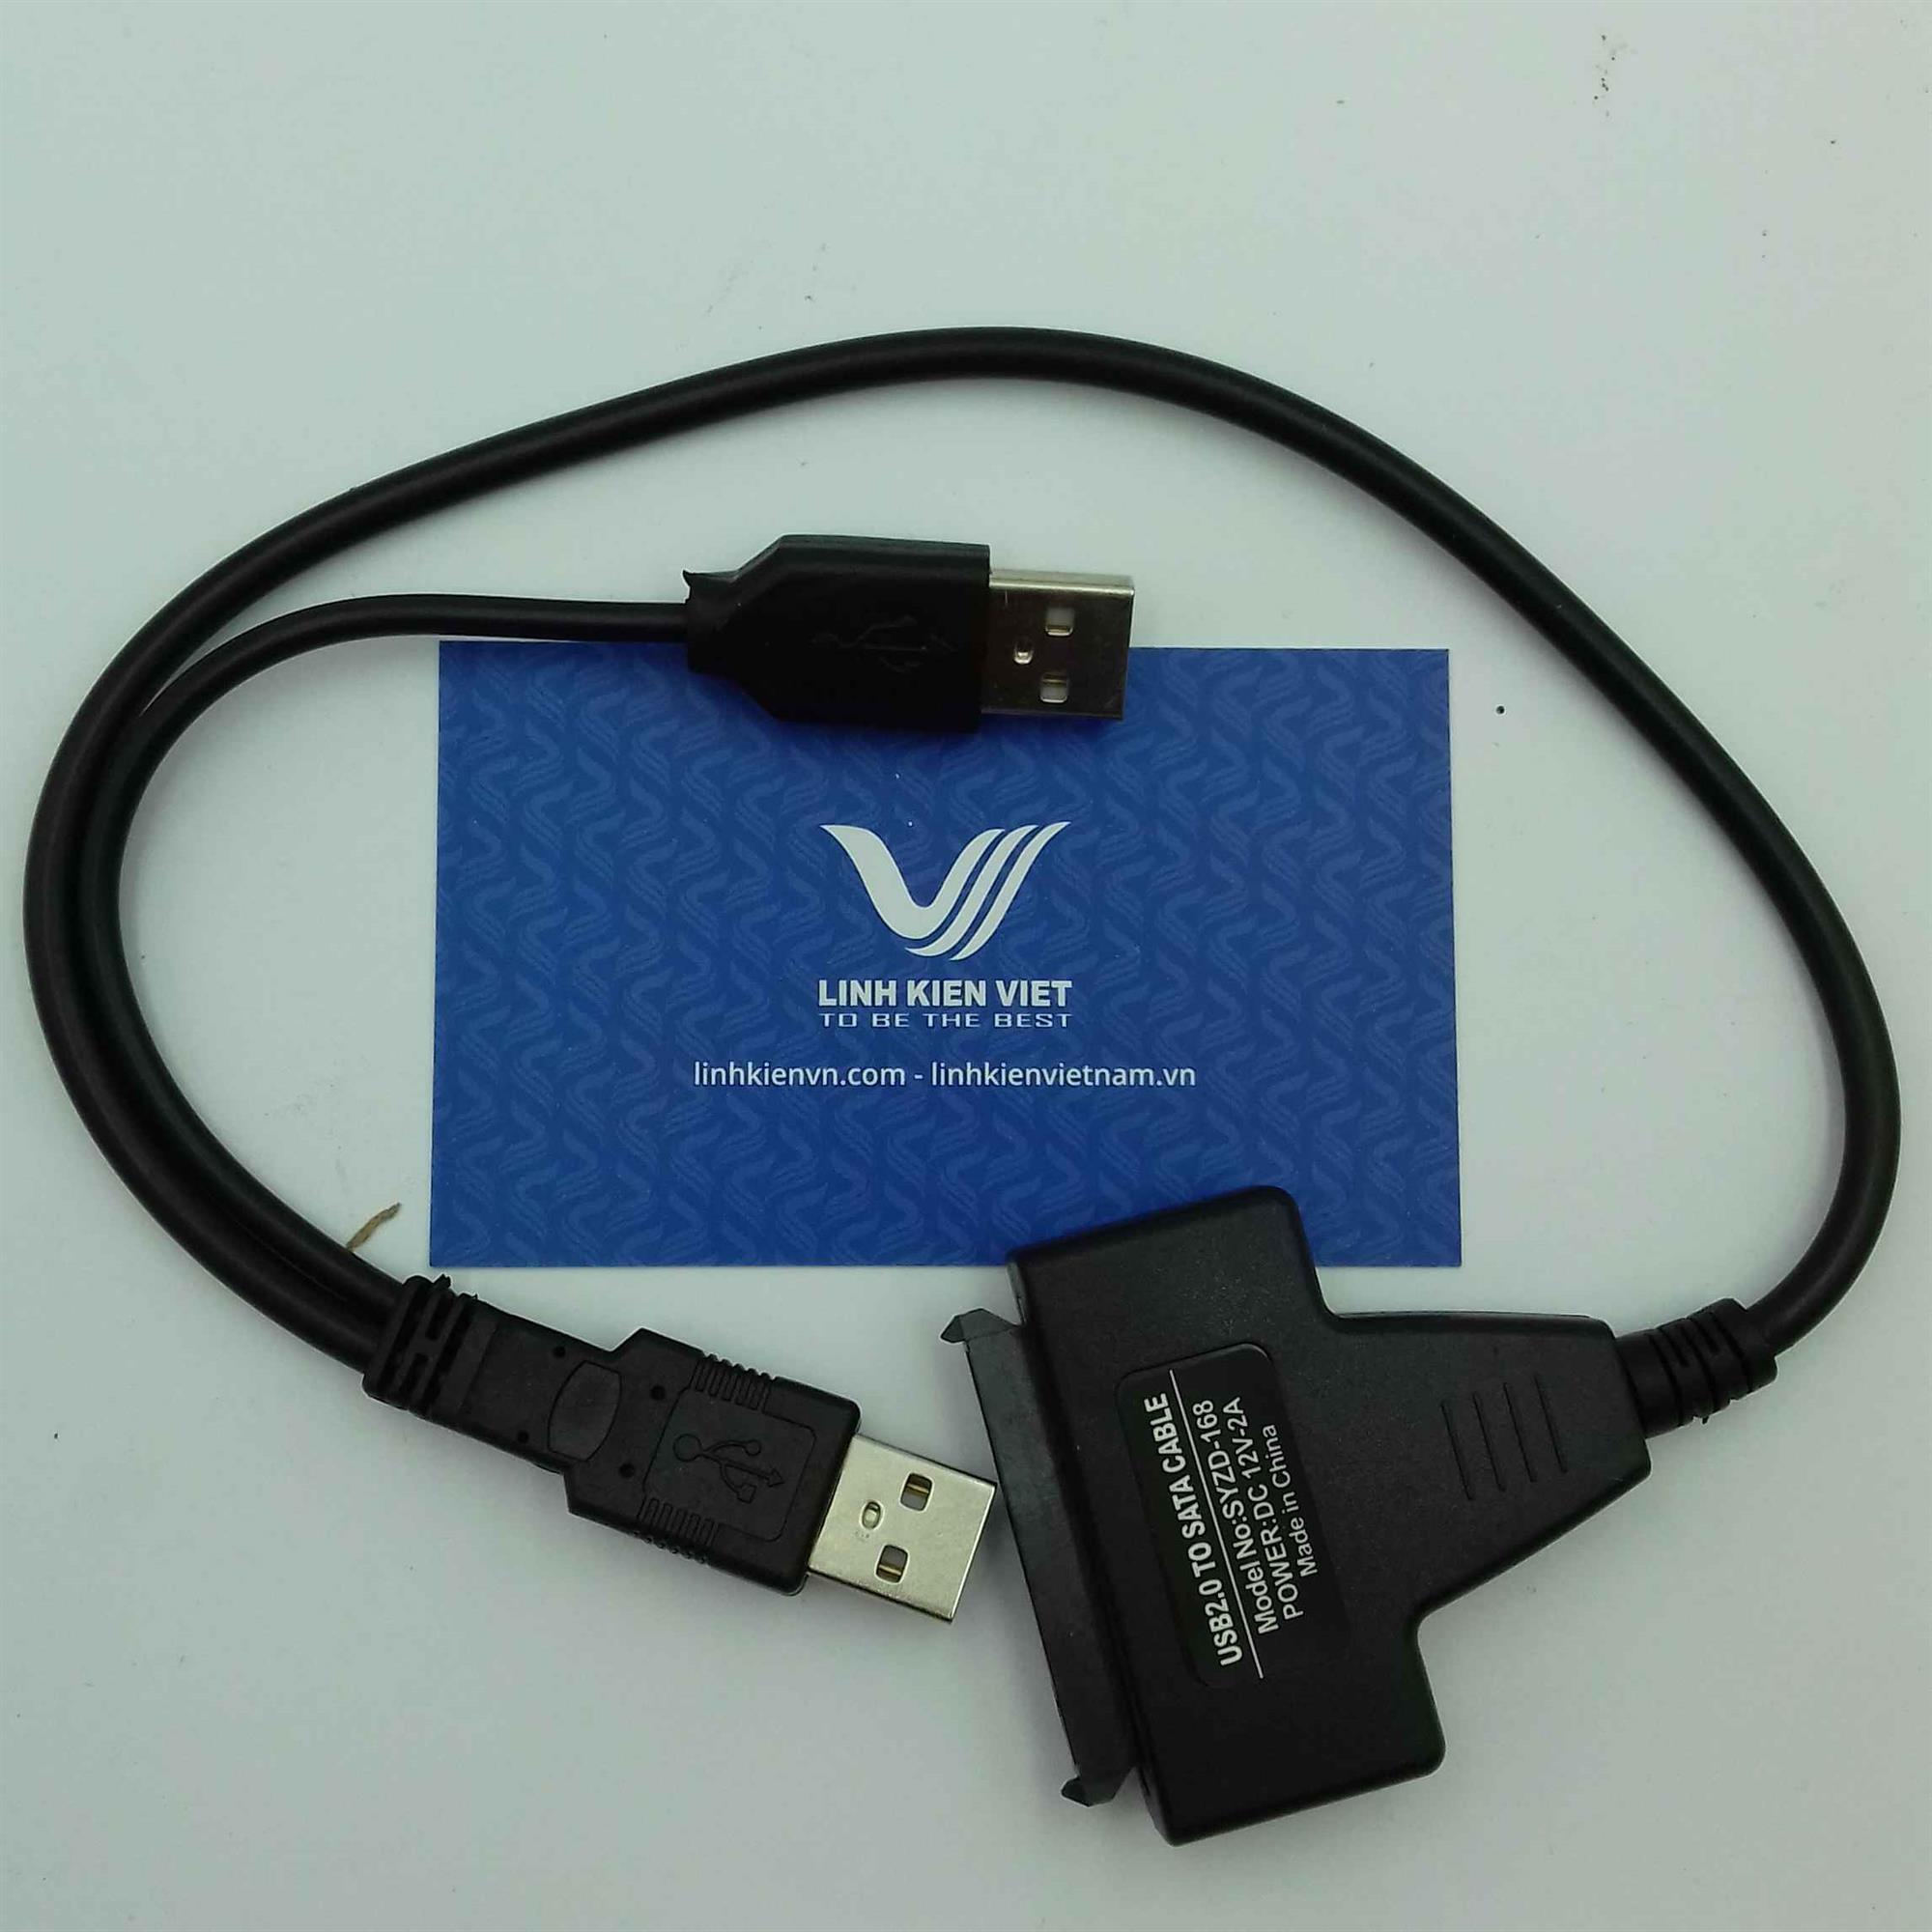 CAP USB to sata không cần cấp nguồn / Dây usb 2.0 to sata / dây chuyển đổi usb thành sata (KA7H1)